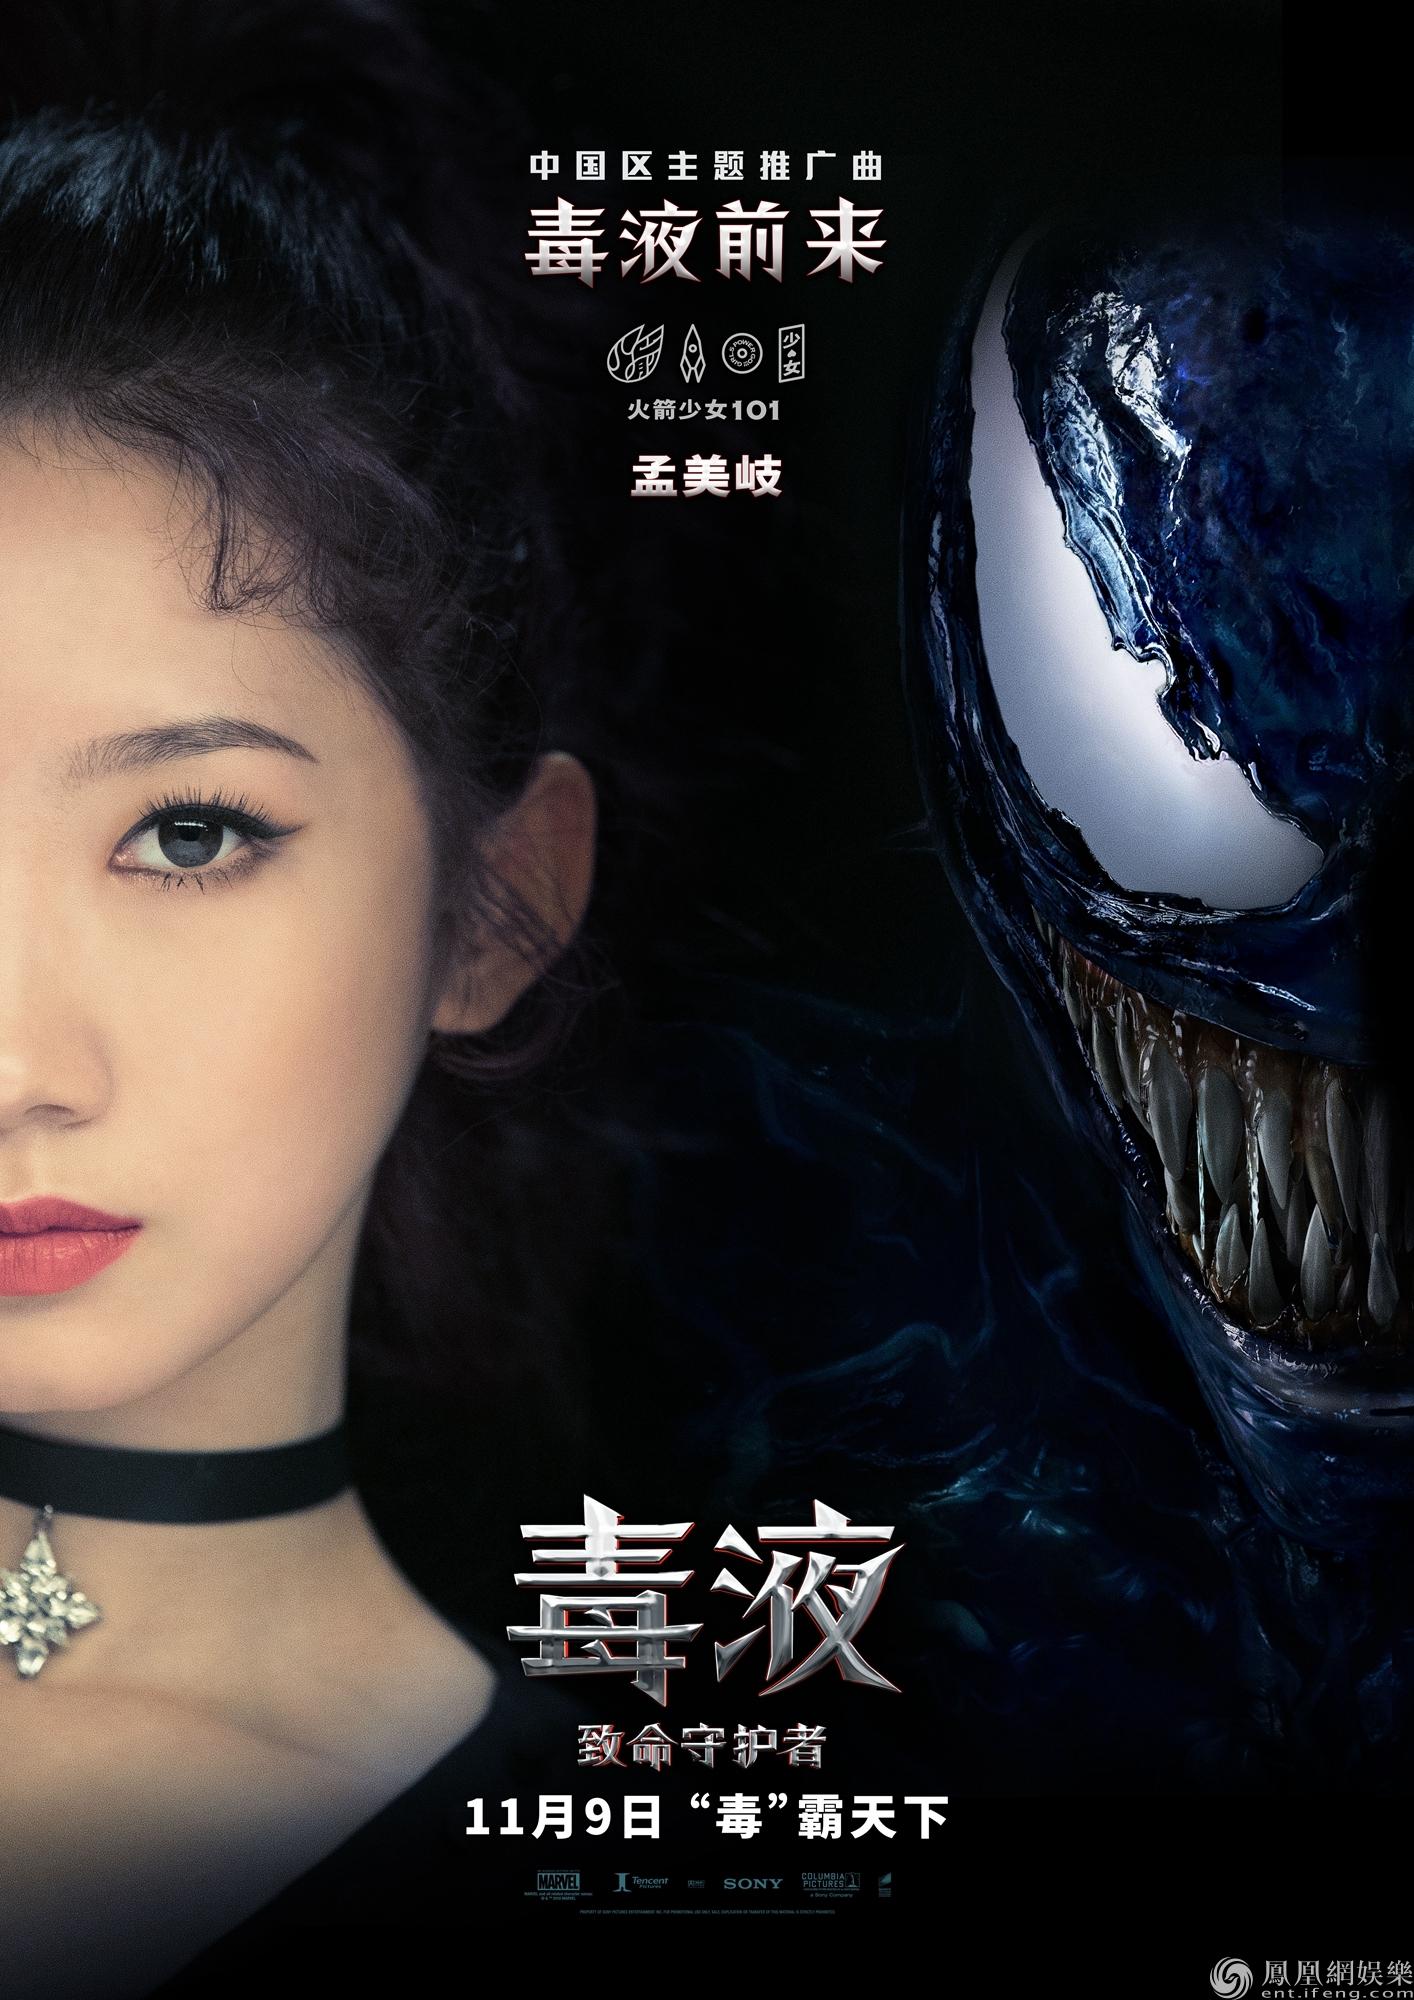 《毒液》中文推廣曲MV首發 火箭少女101霸氣演繹